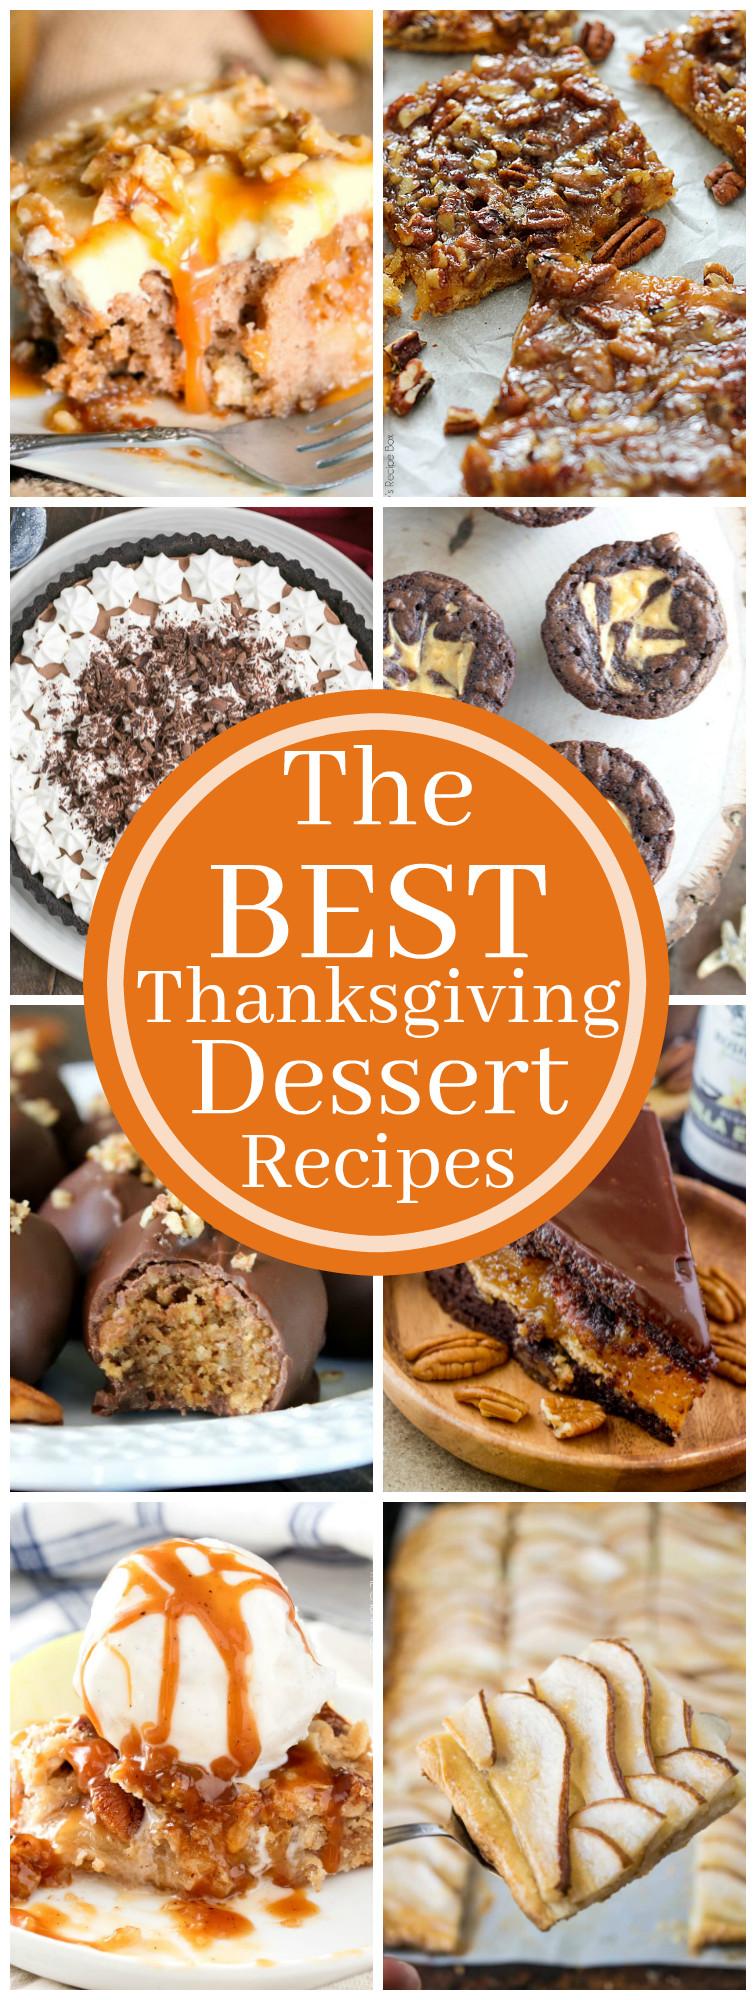 Thanksgiving Desserts Pinterest  Best Thanksgiving Dessert Recipes Kleinworth & Co